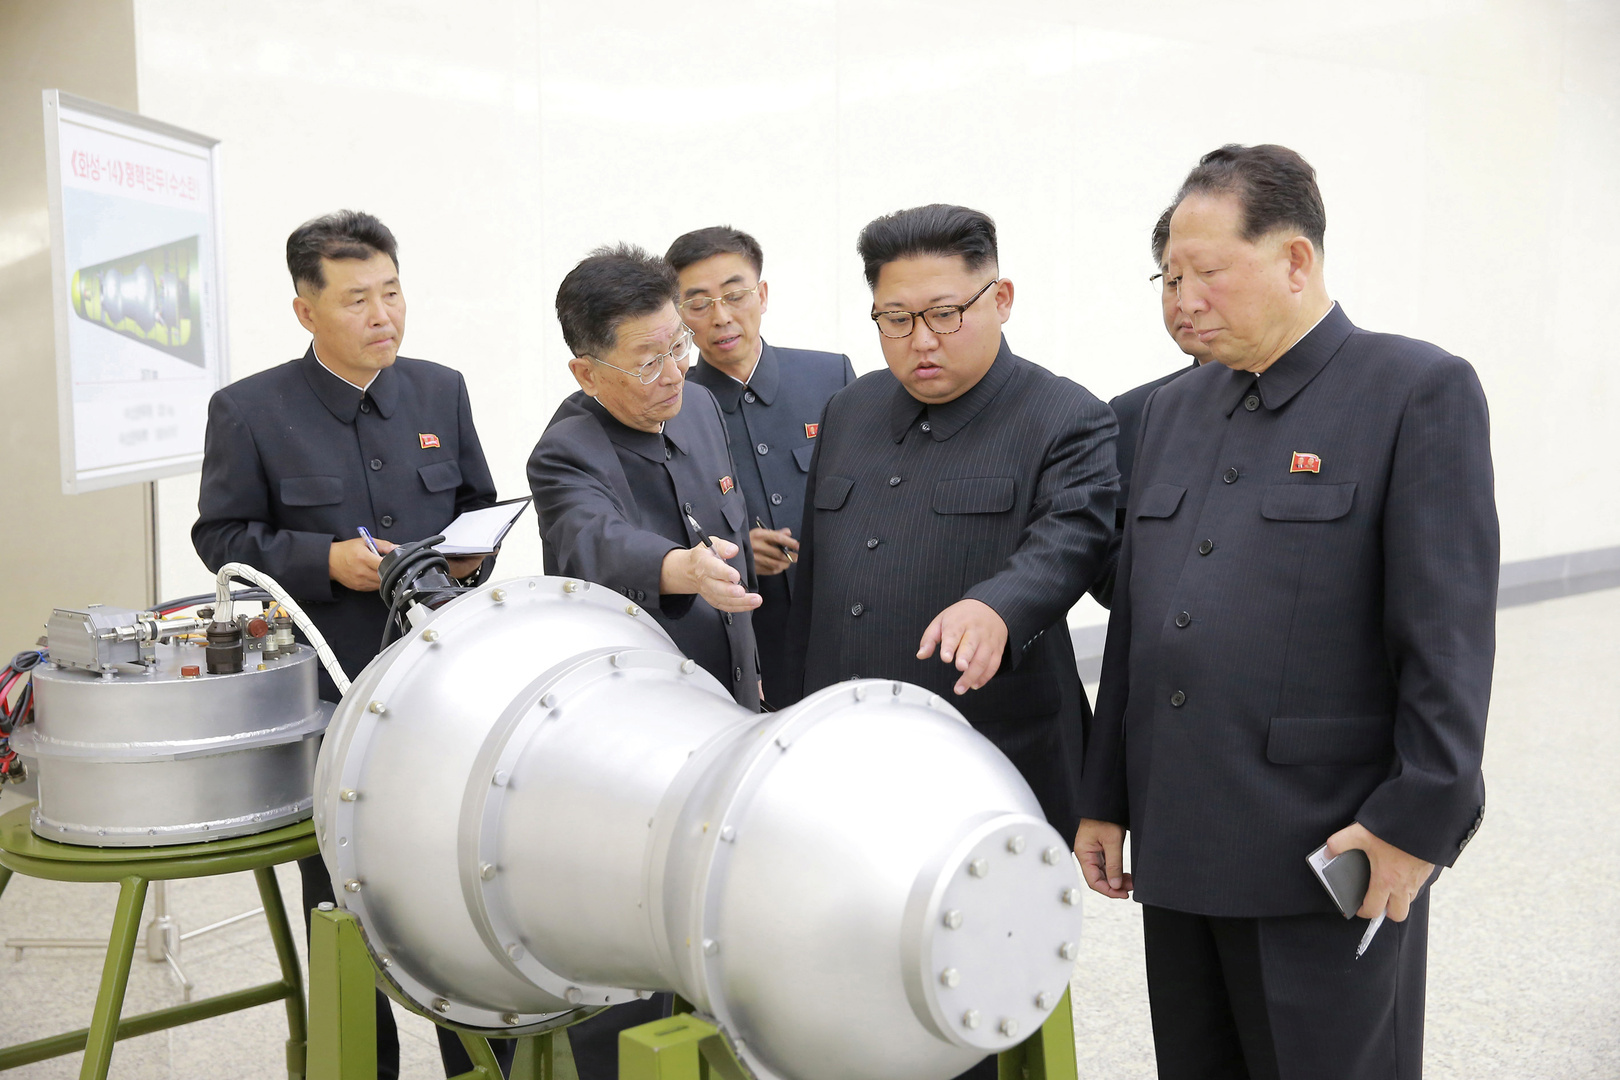 سفير روسيا في بيونغ يانغ يكشف عن خبايا اتخاذ قرار تخلي زعيم كوريا الشمالية عن النووي